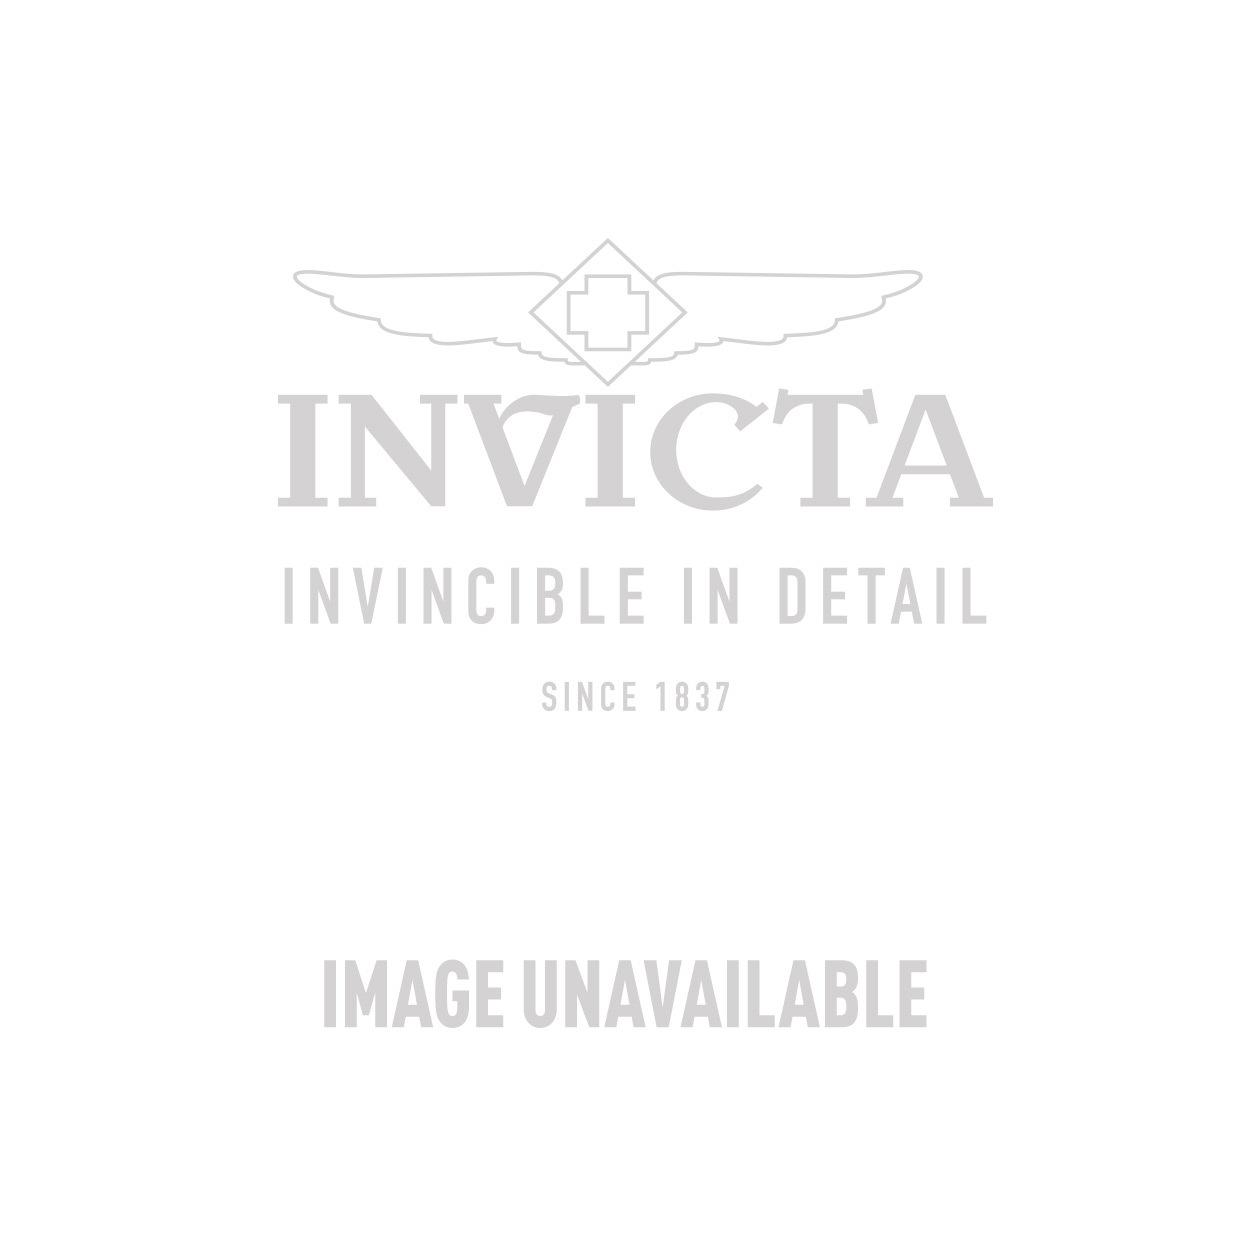 Invicta Model 27728